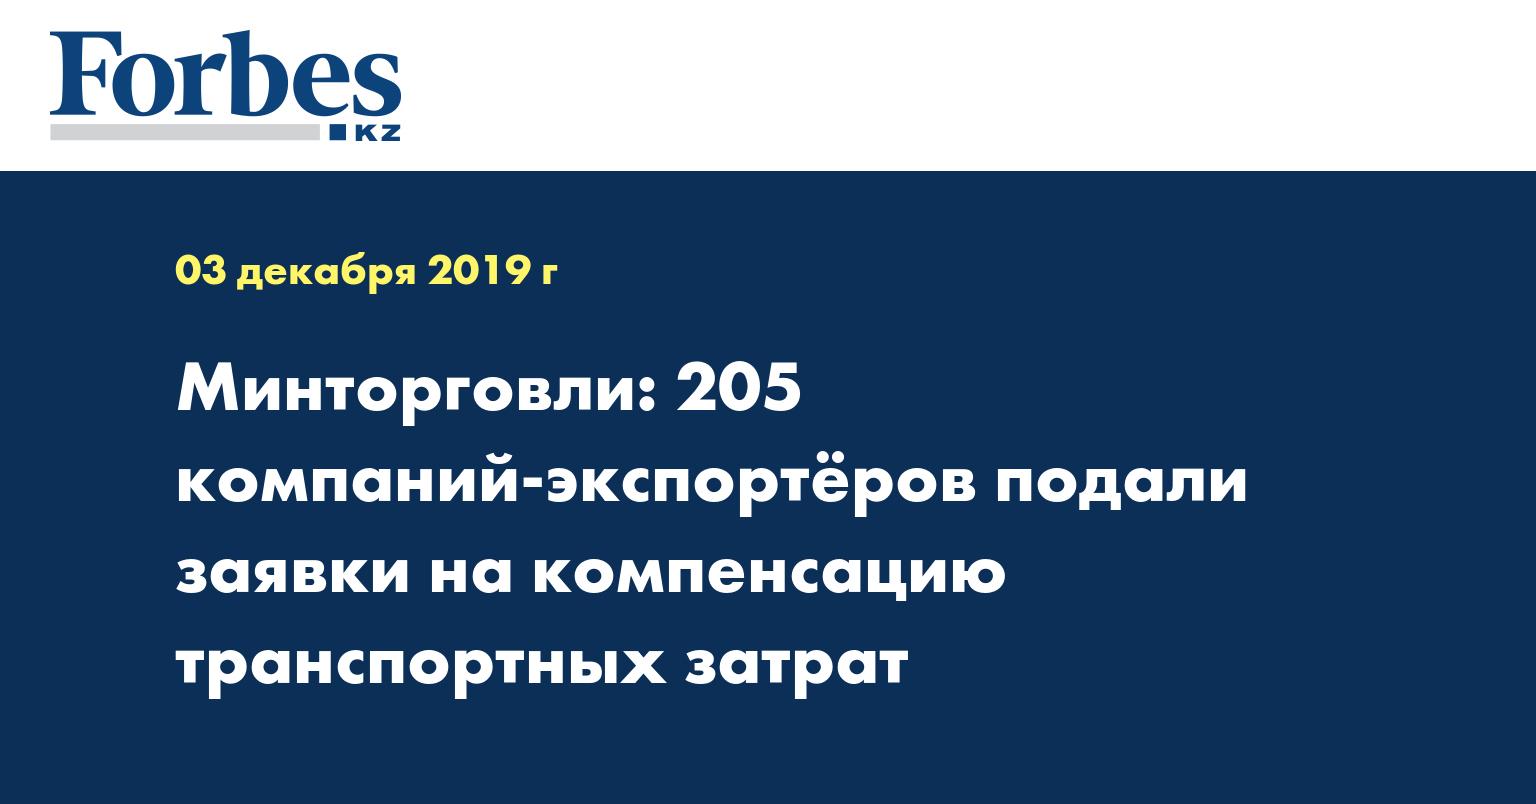 Минторговли: 205 компаний-экспортеров подали заявки на компенсацию транспортных затрат